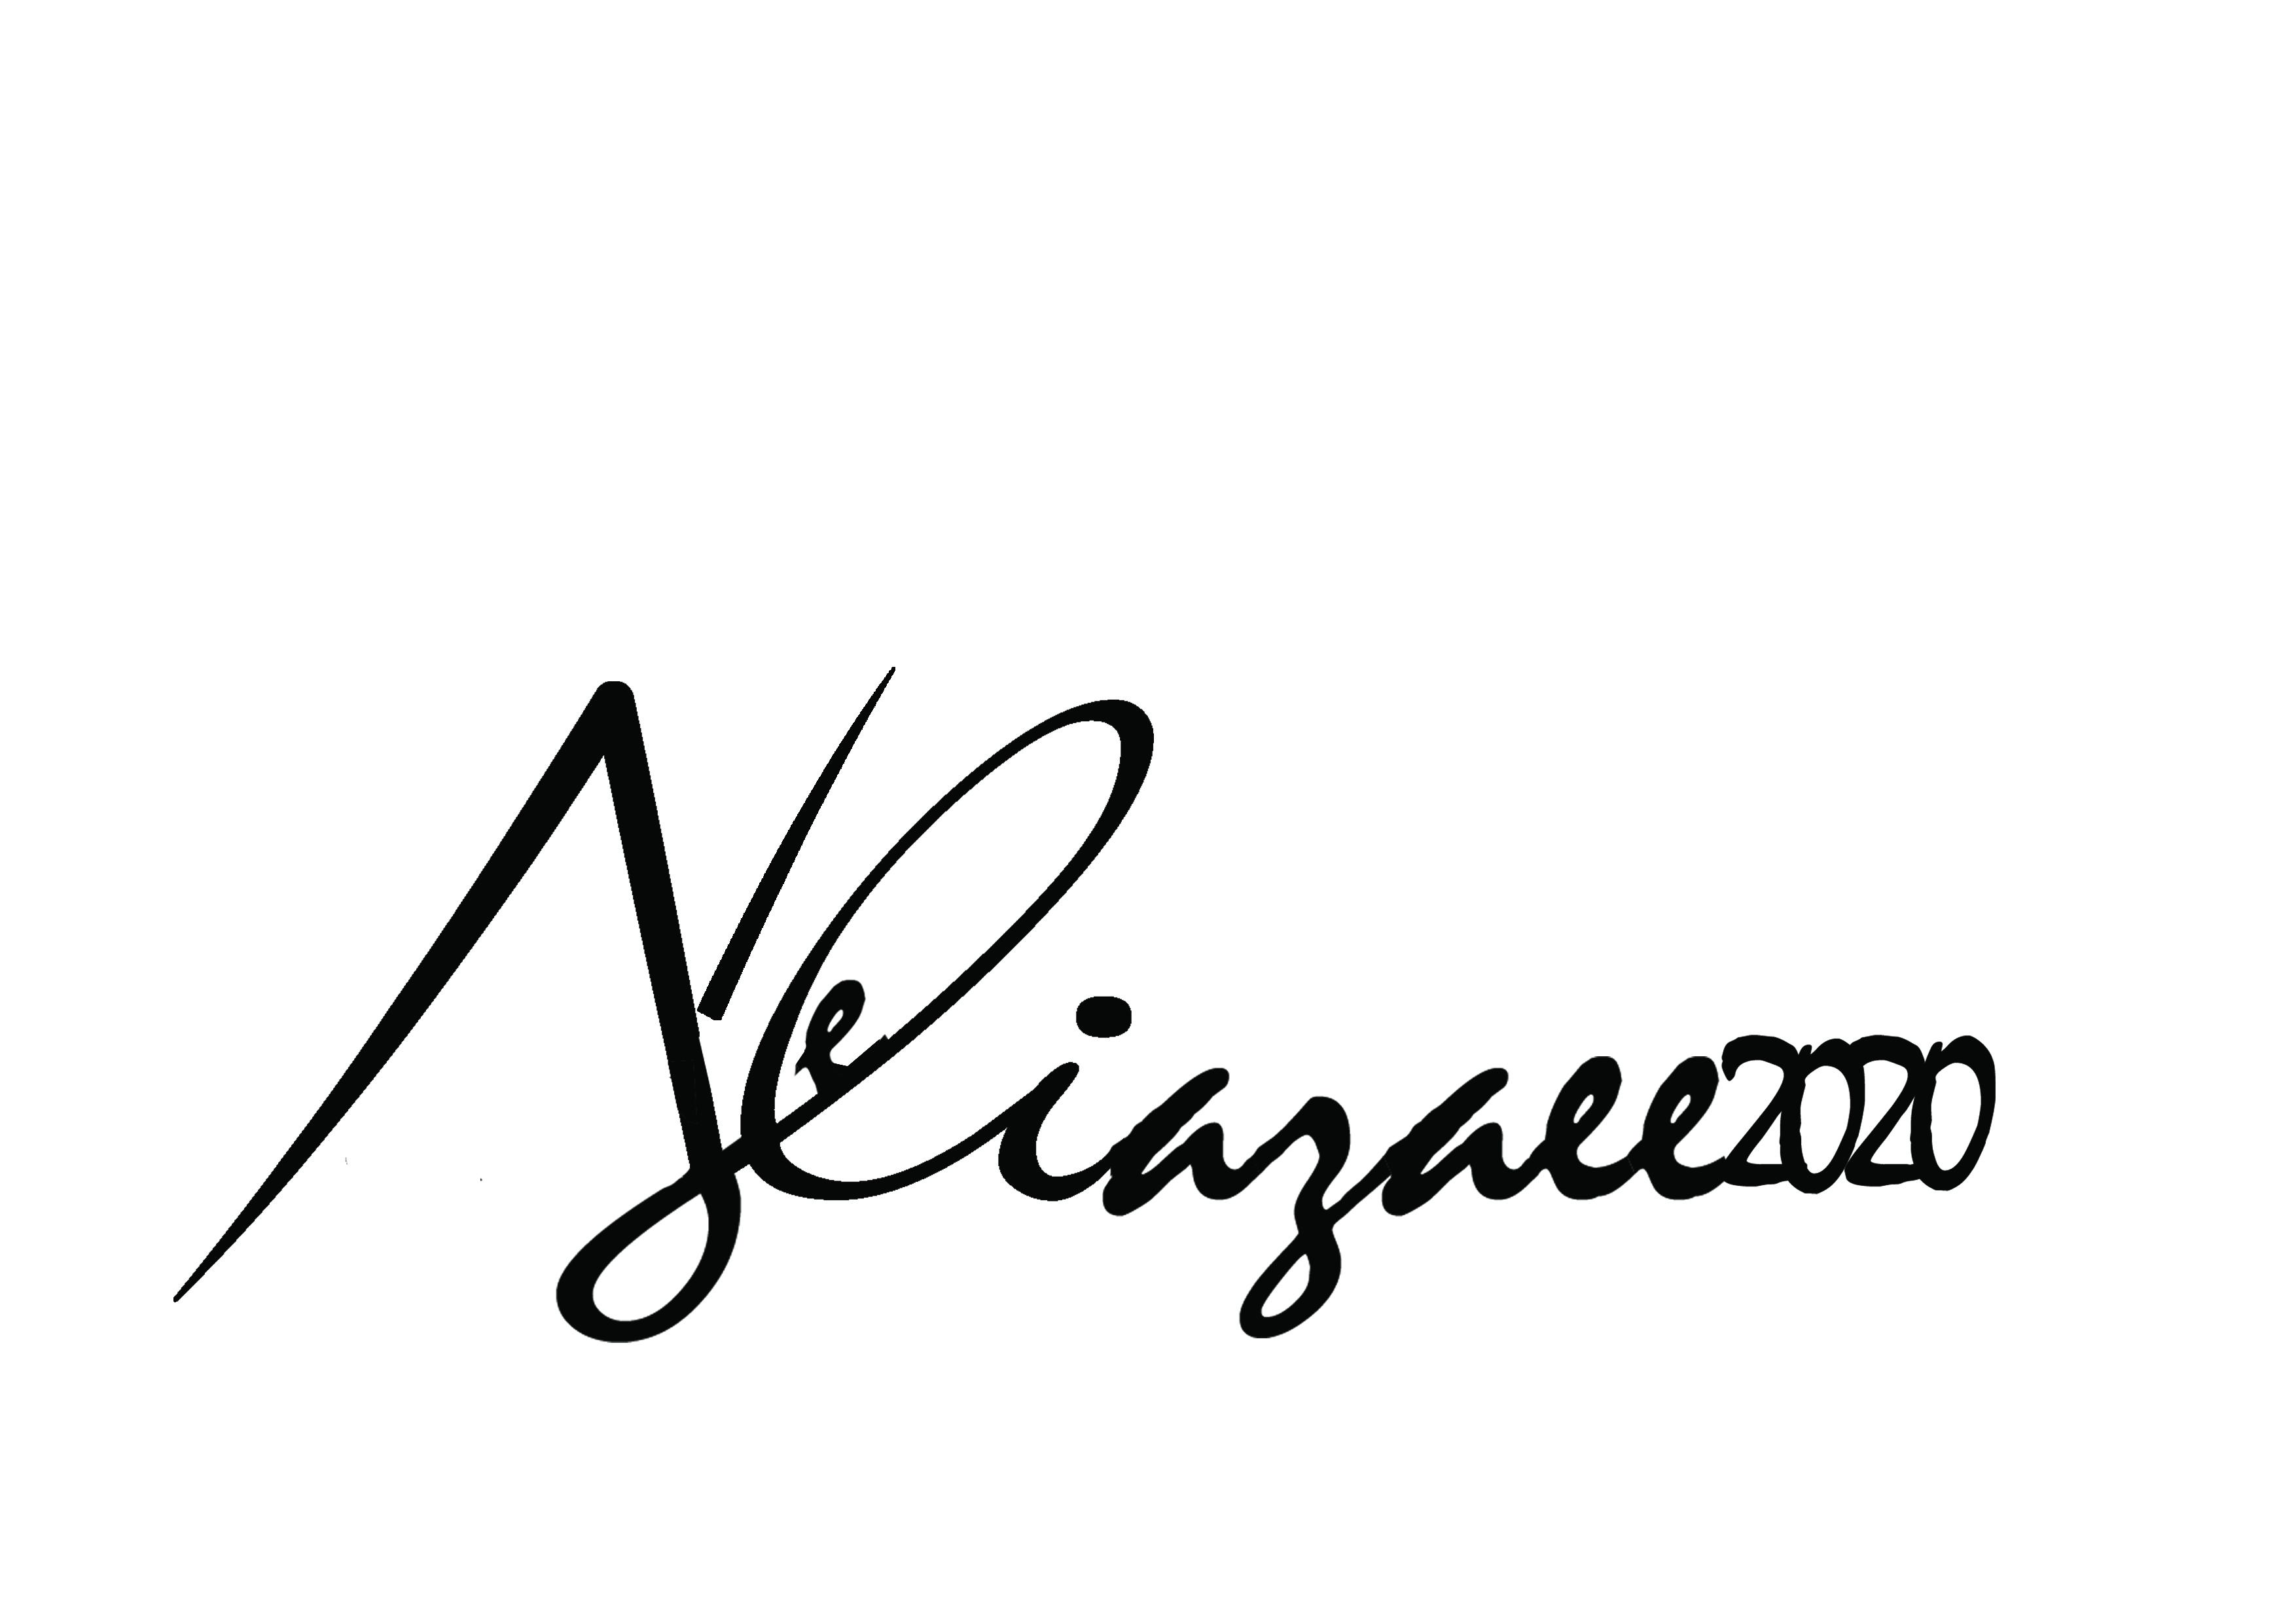 Ali Kh2020's Signature